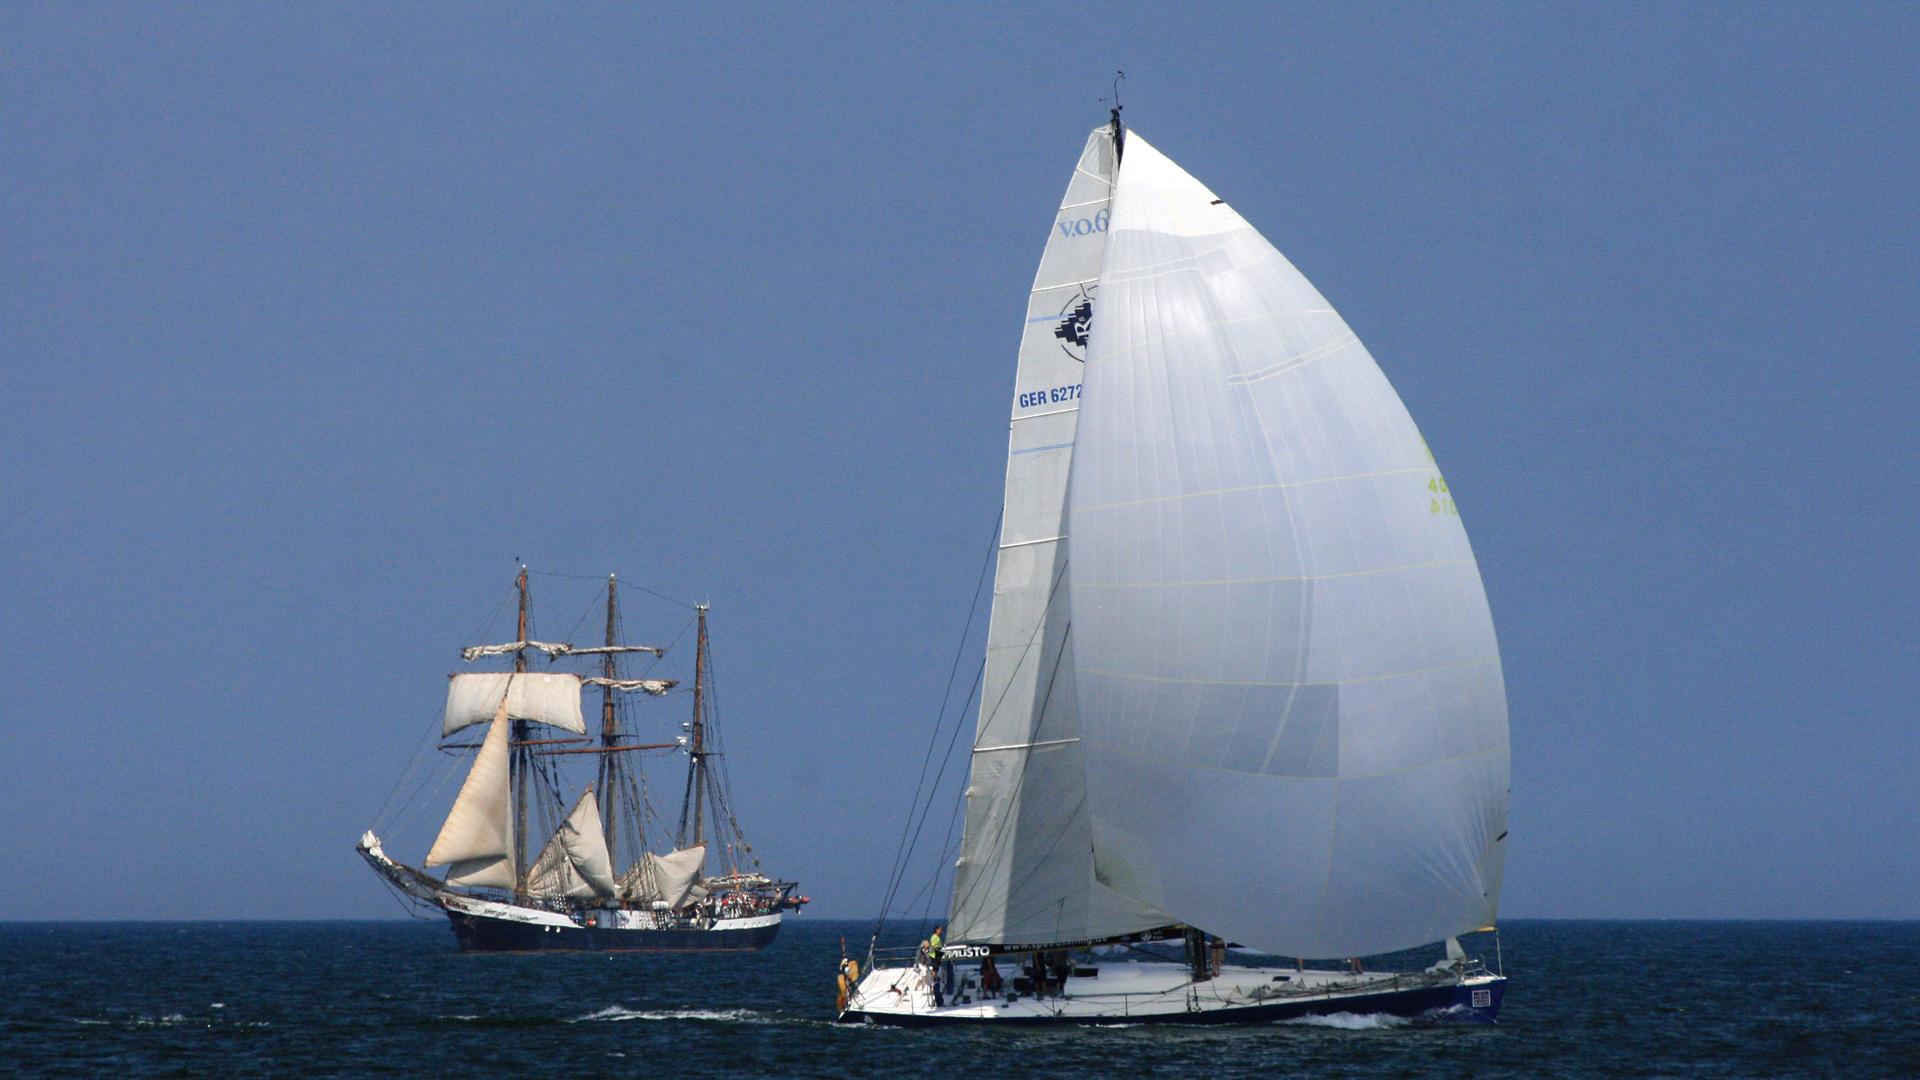 Regatta-Segelboot kreuzt vor Dreimast-Segler.